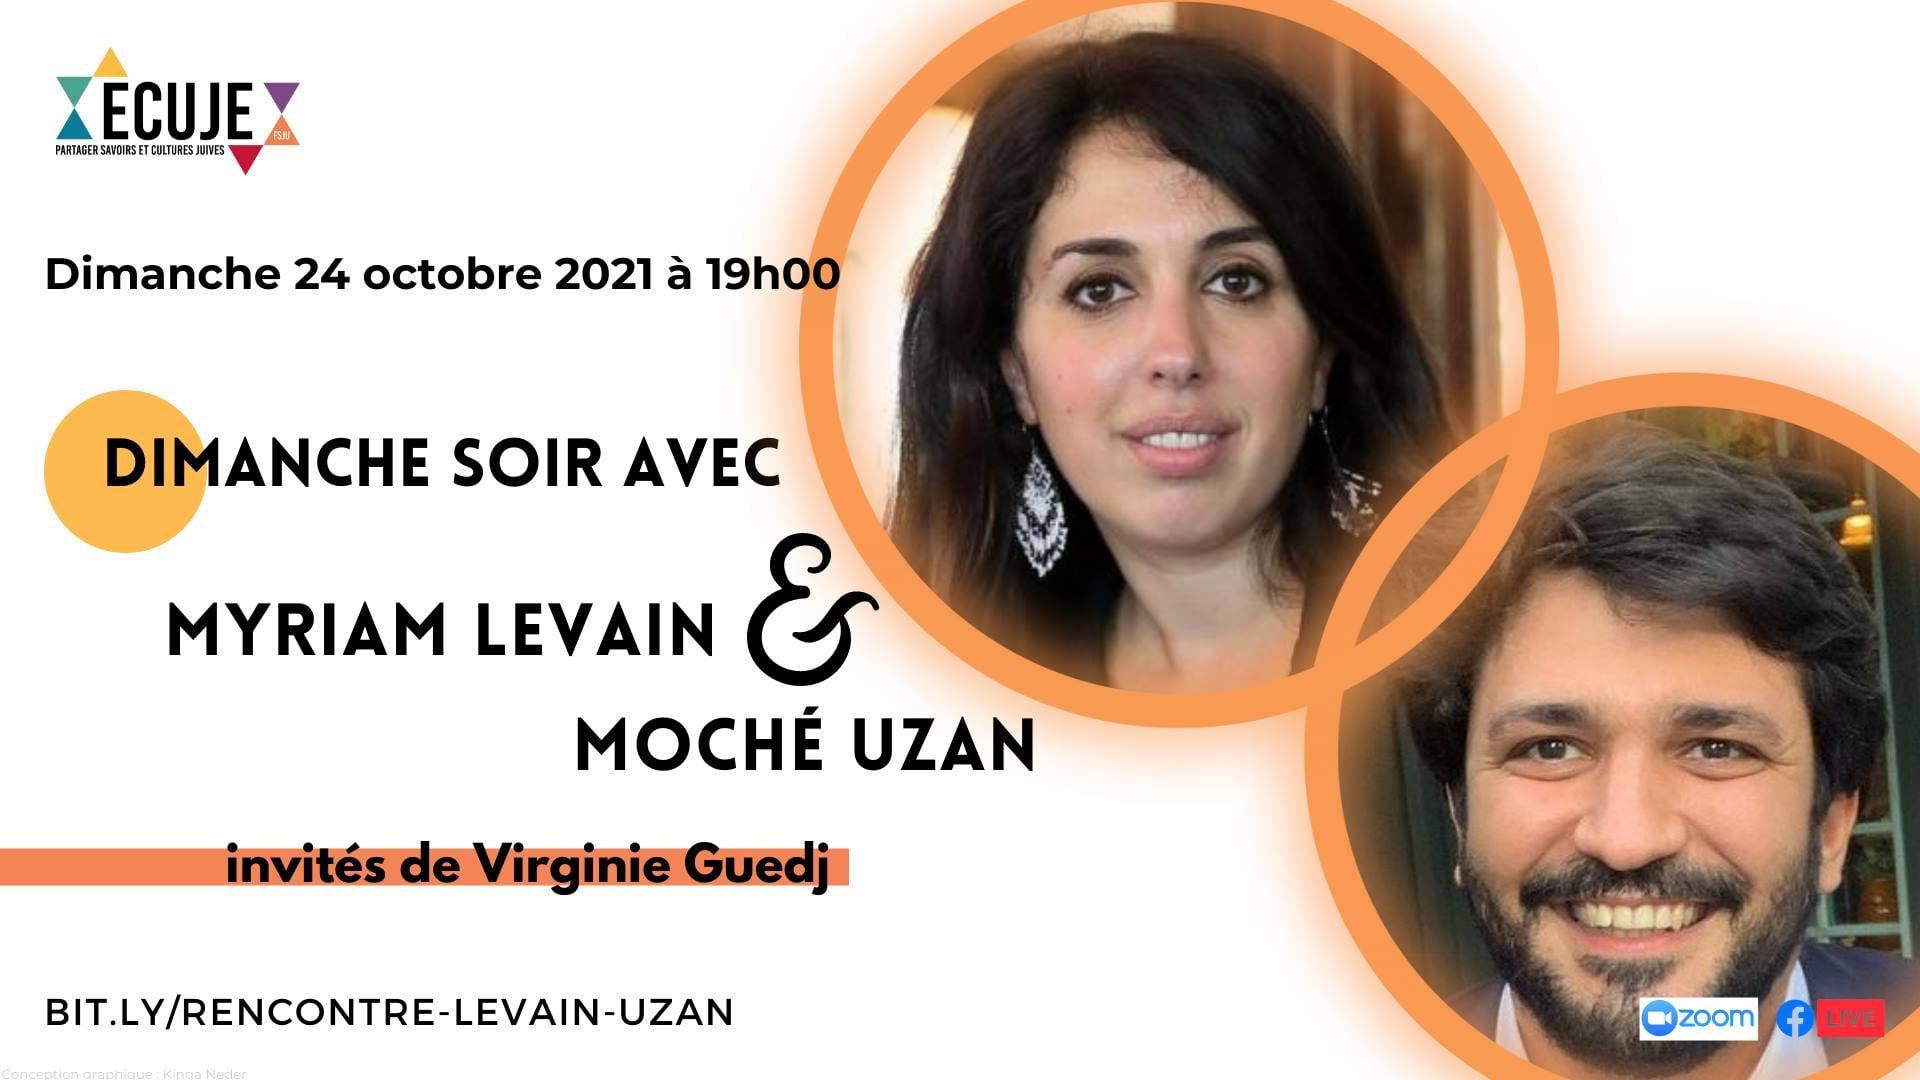 Dimanche soir avec... Myriam Levain et Moché Uzan